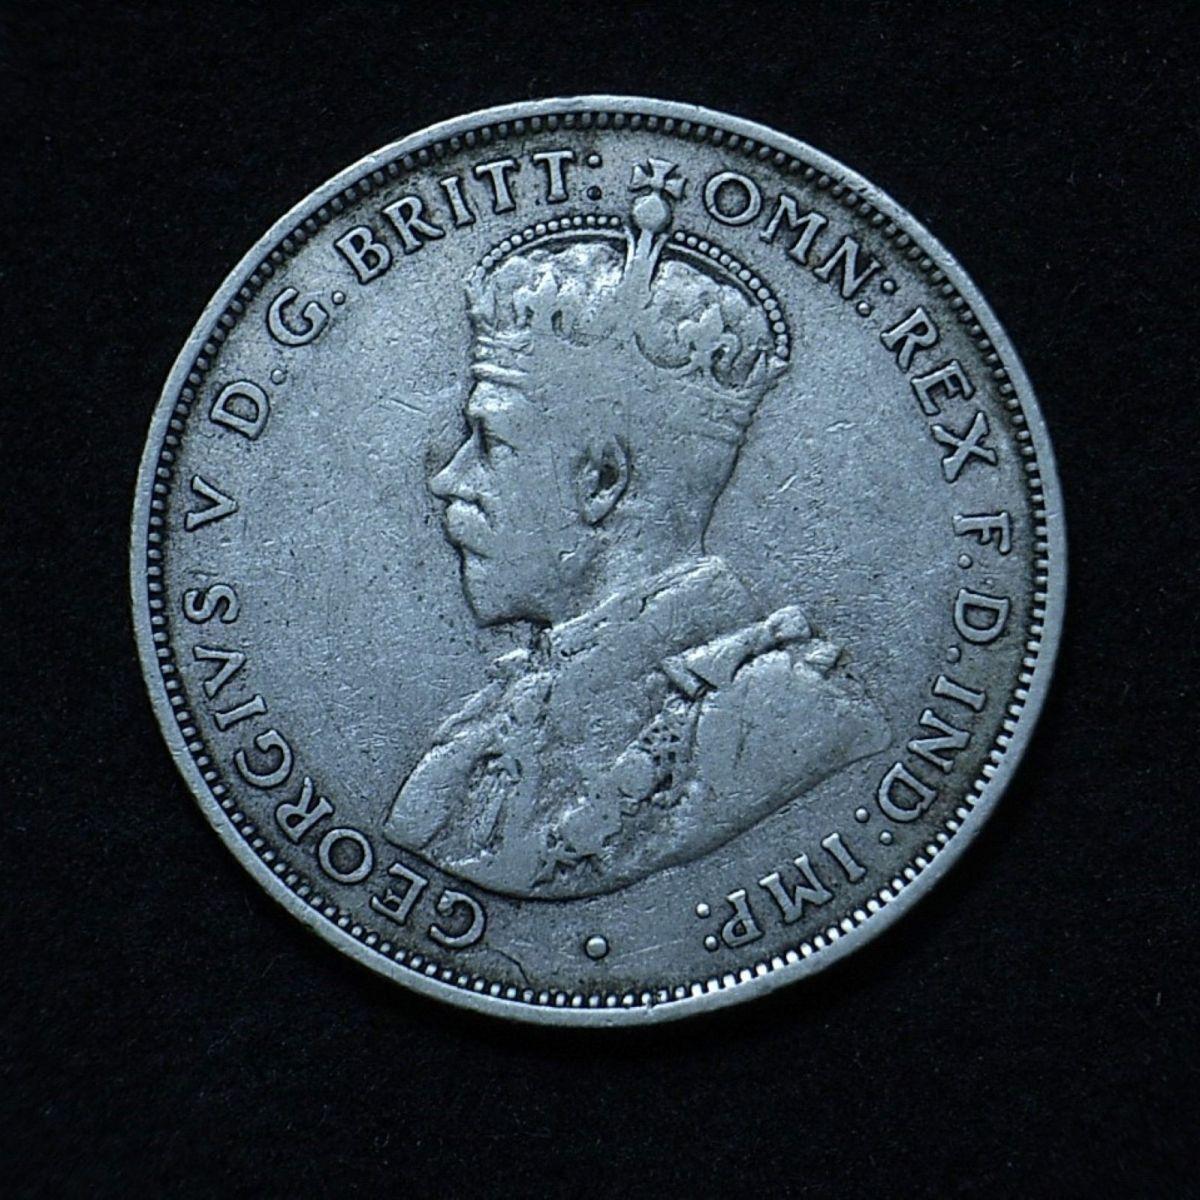 Aussie florin 1922 obverse close up